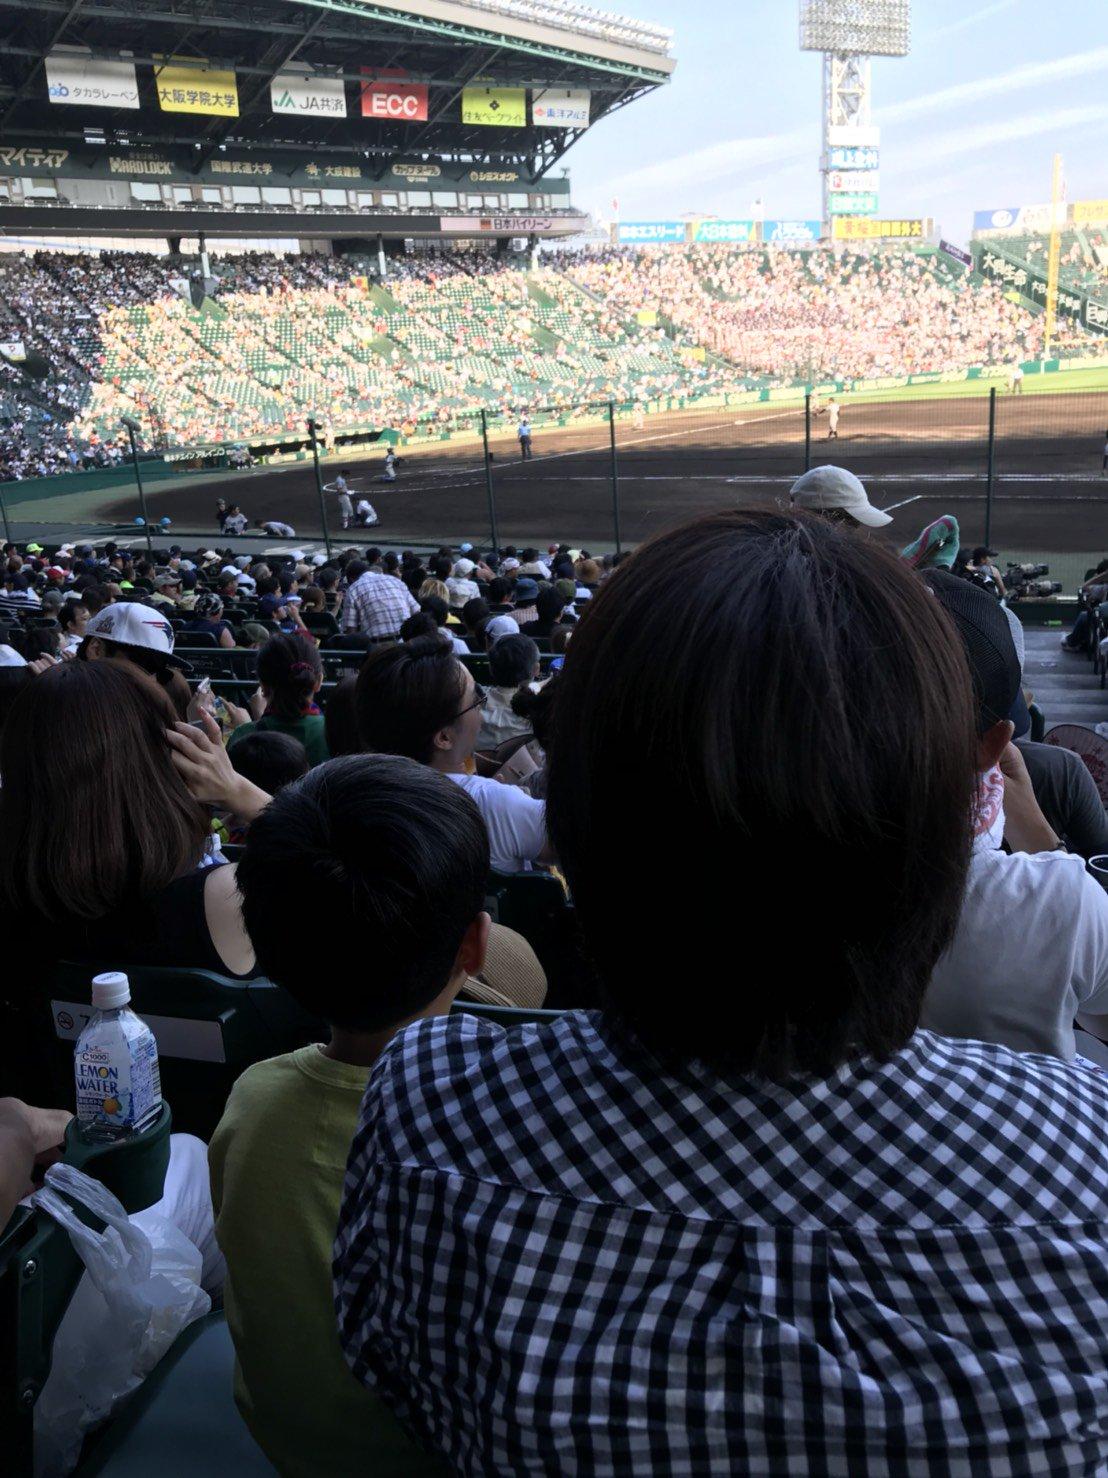 画像,グラサンが翔くん #高校野球 https://t.co/bqOhLltNlC。